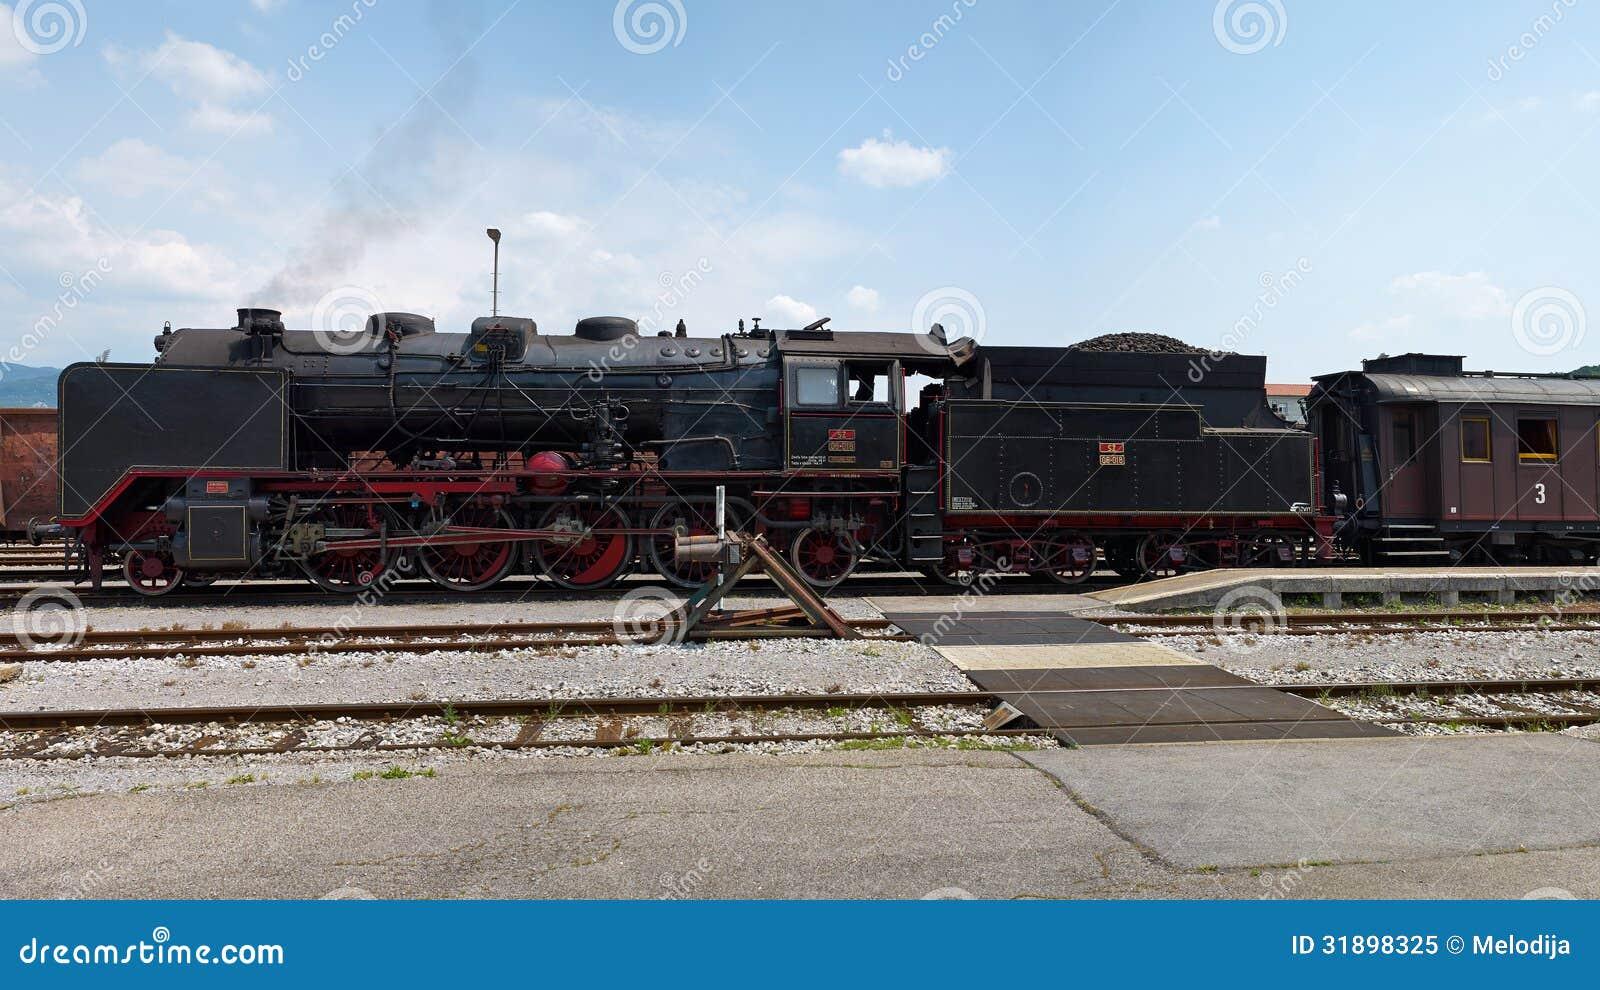 历史德国蒸汽火车06-018